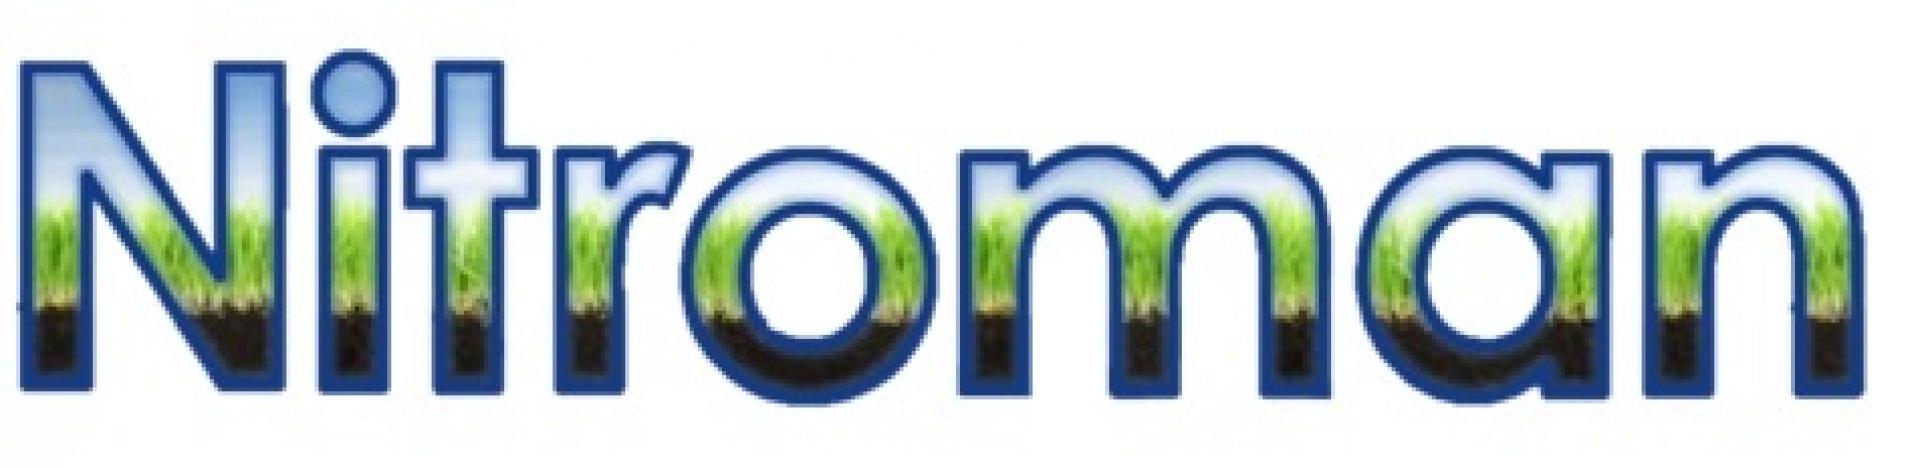 Nitroman: uitnodiging voor de klankbordgroep